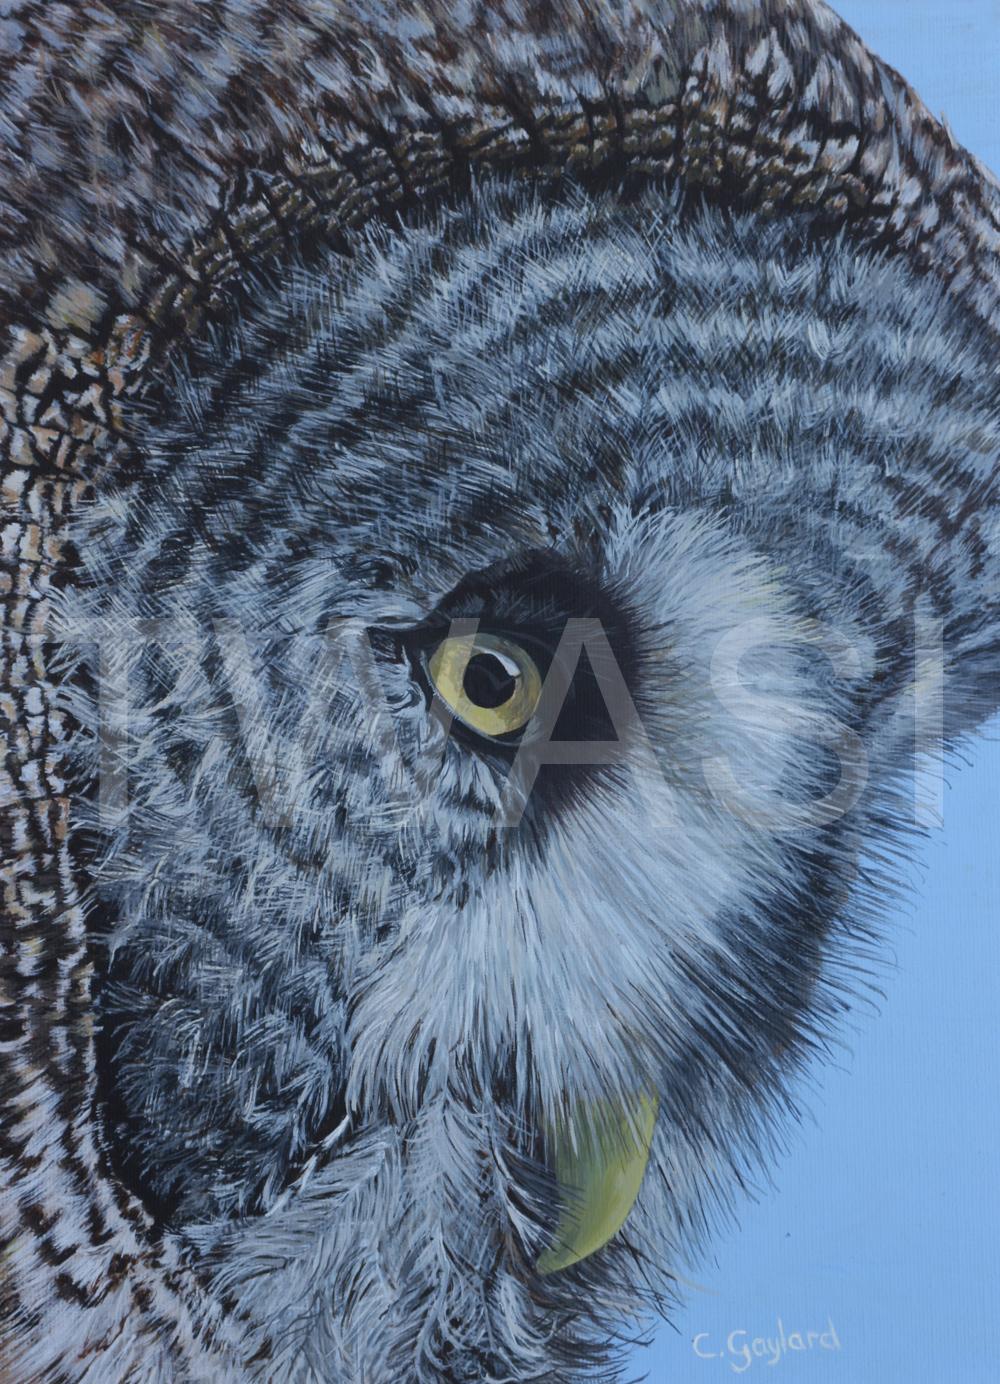 'Chloe: Great Grey' by Carole H Gaylard Owl Acrylic 43x52cm Framed £460 47x30cm mount unframed £410